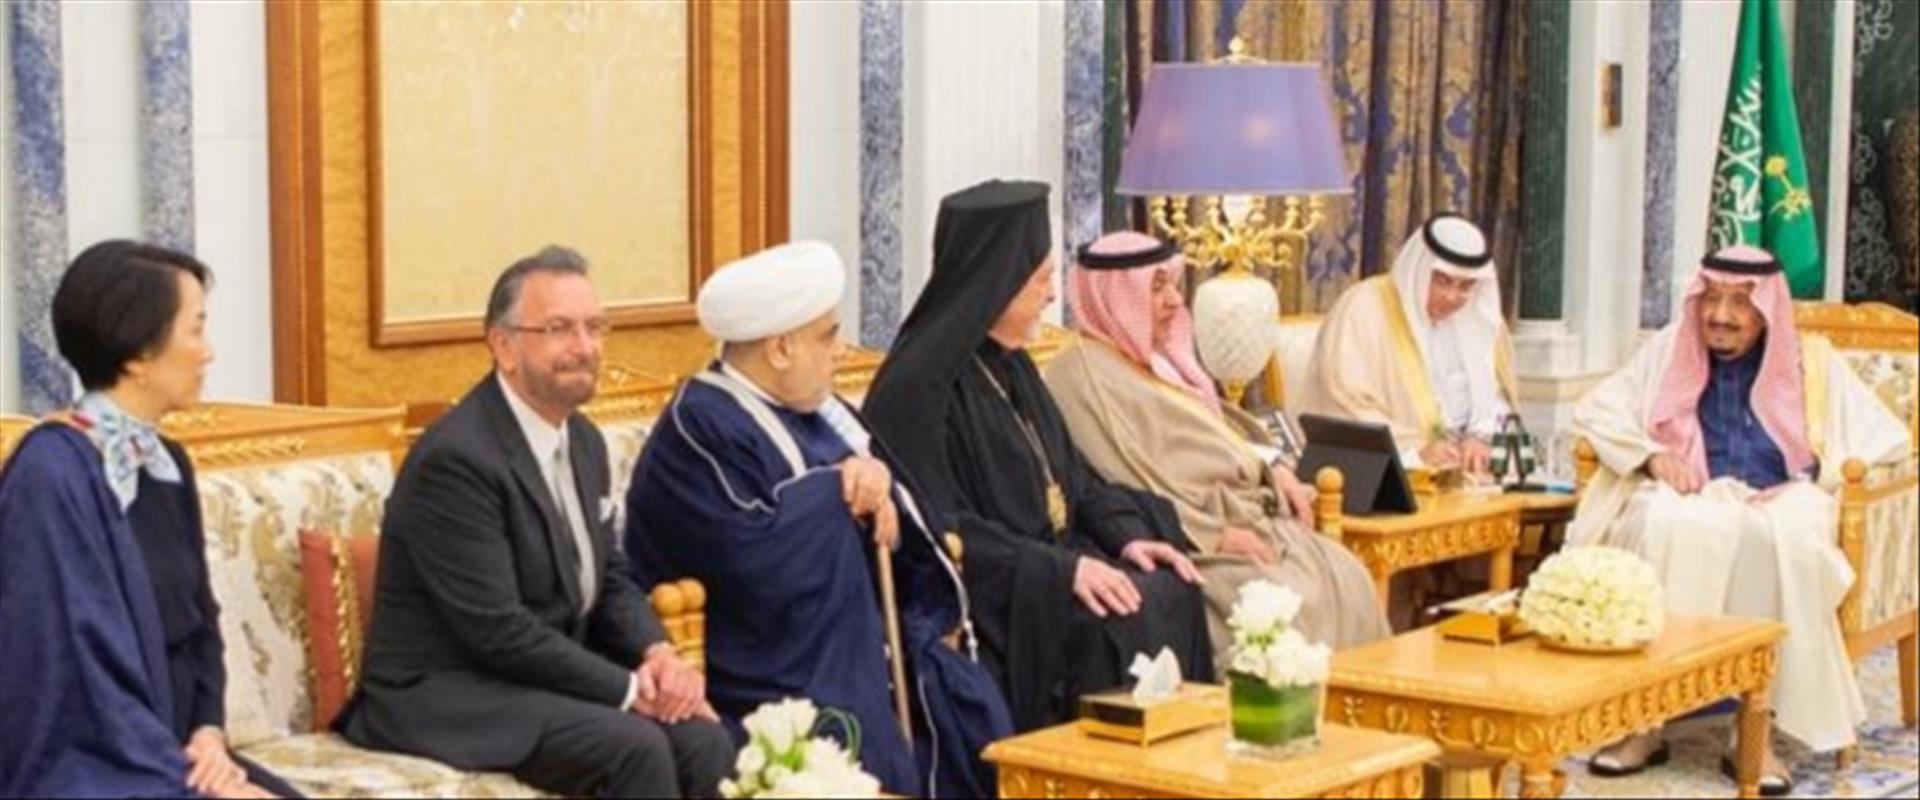 צילום: סוכנות הידיעות הרשמית של סעודיה